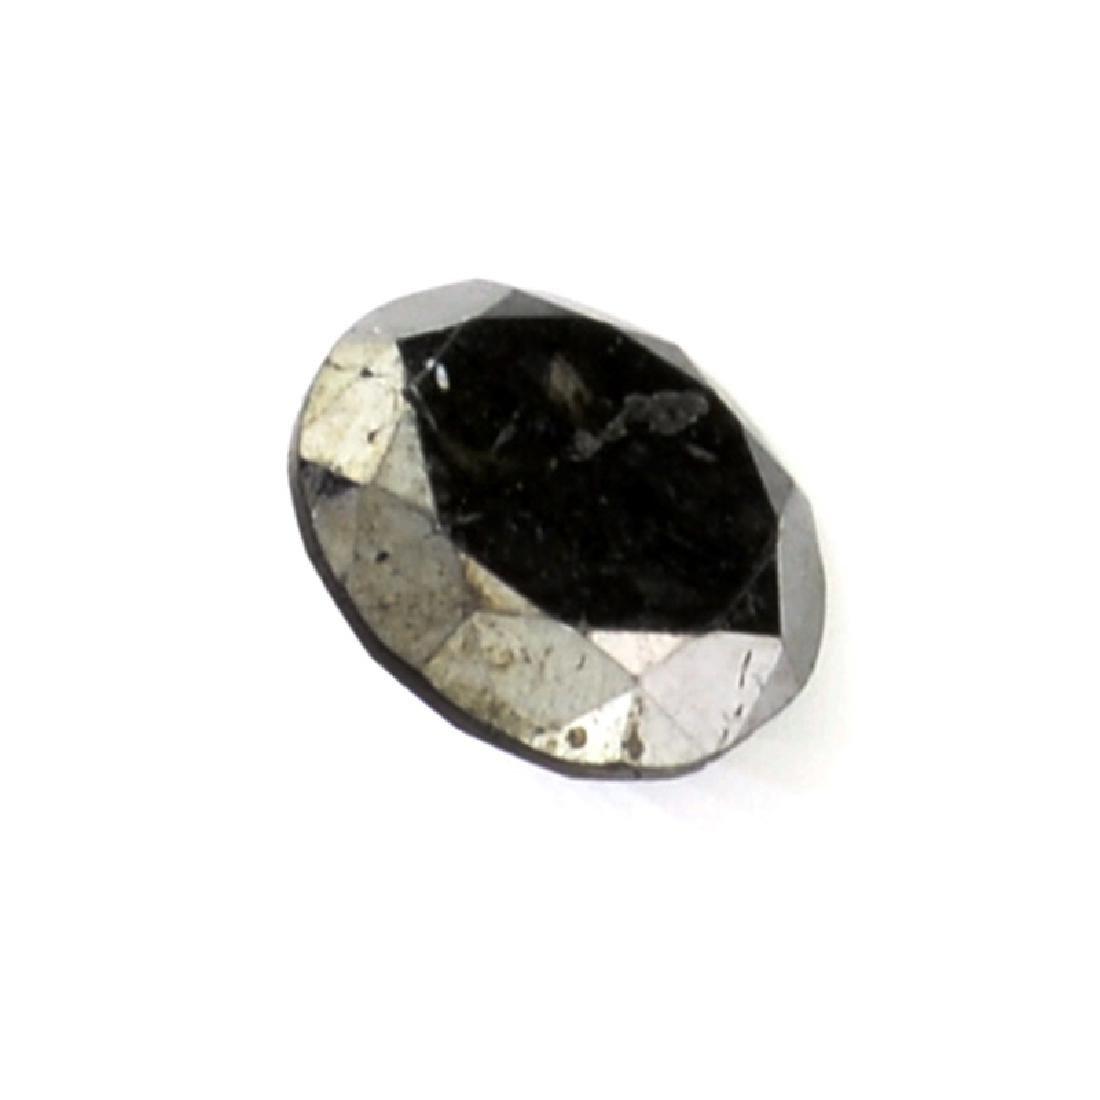 0.40CT Rare Black Diamond Gemstone